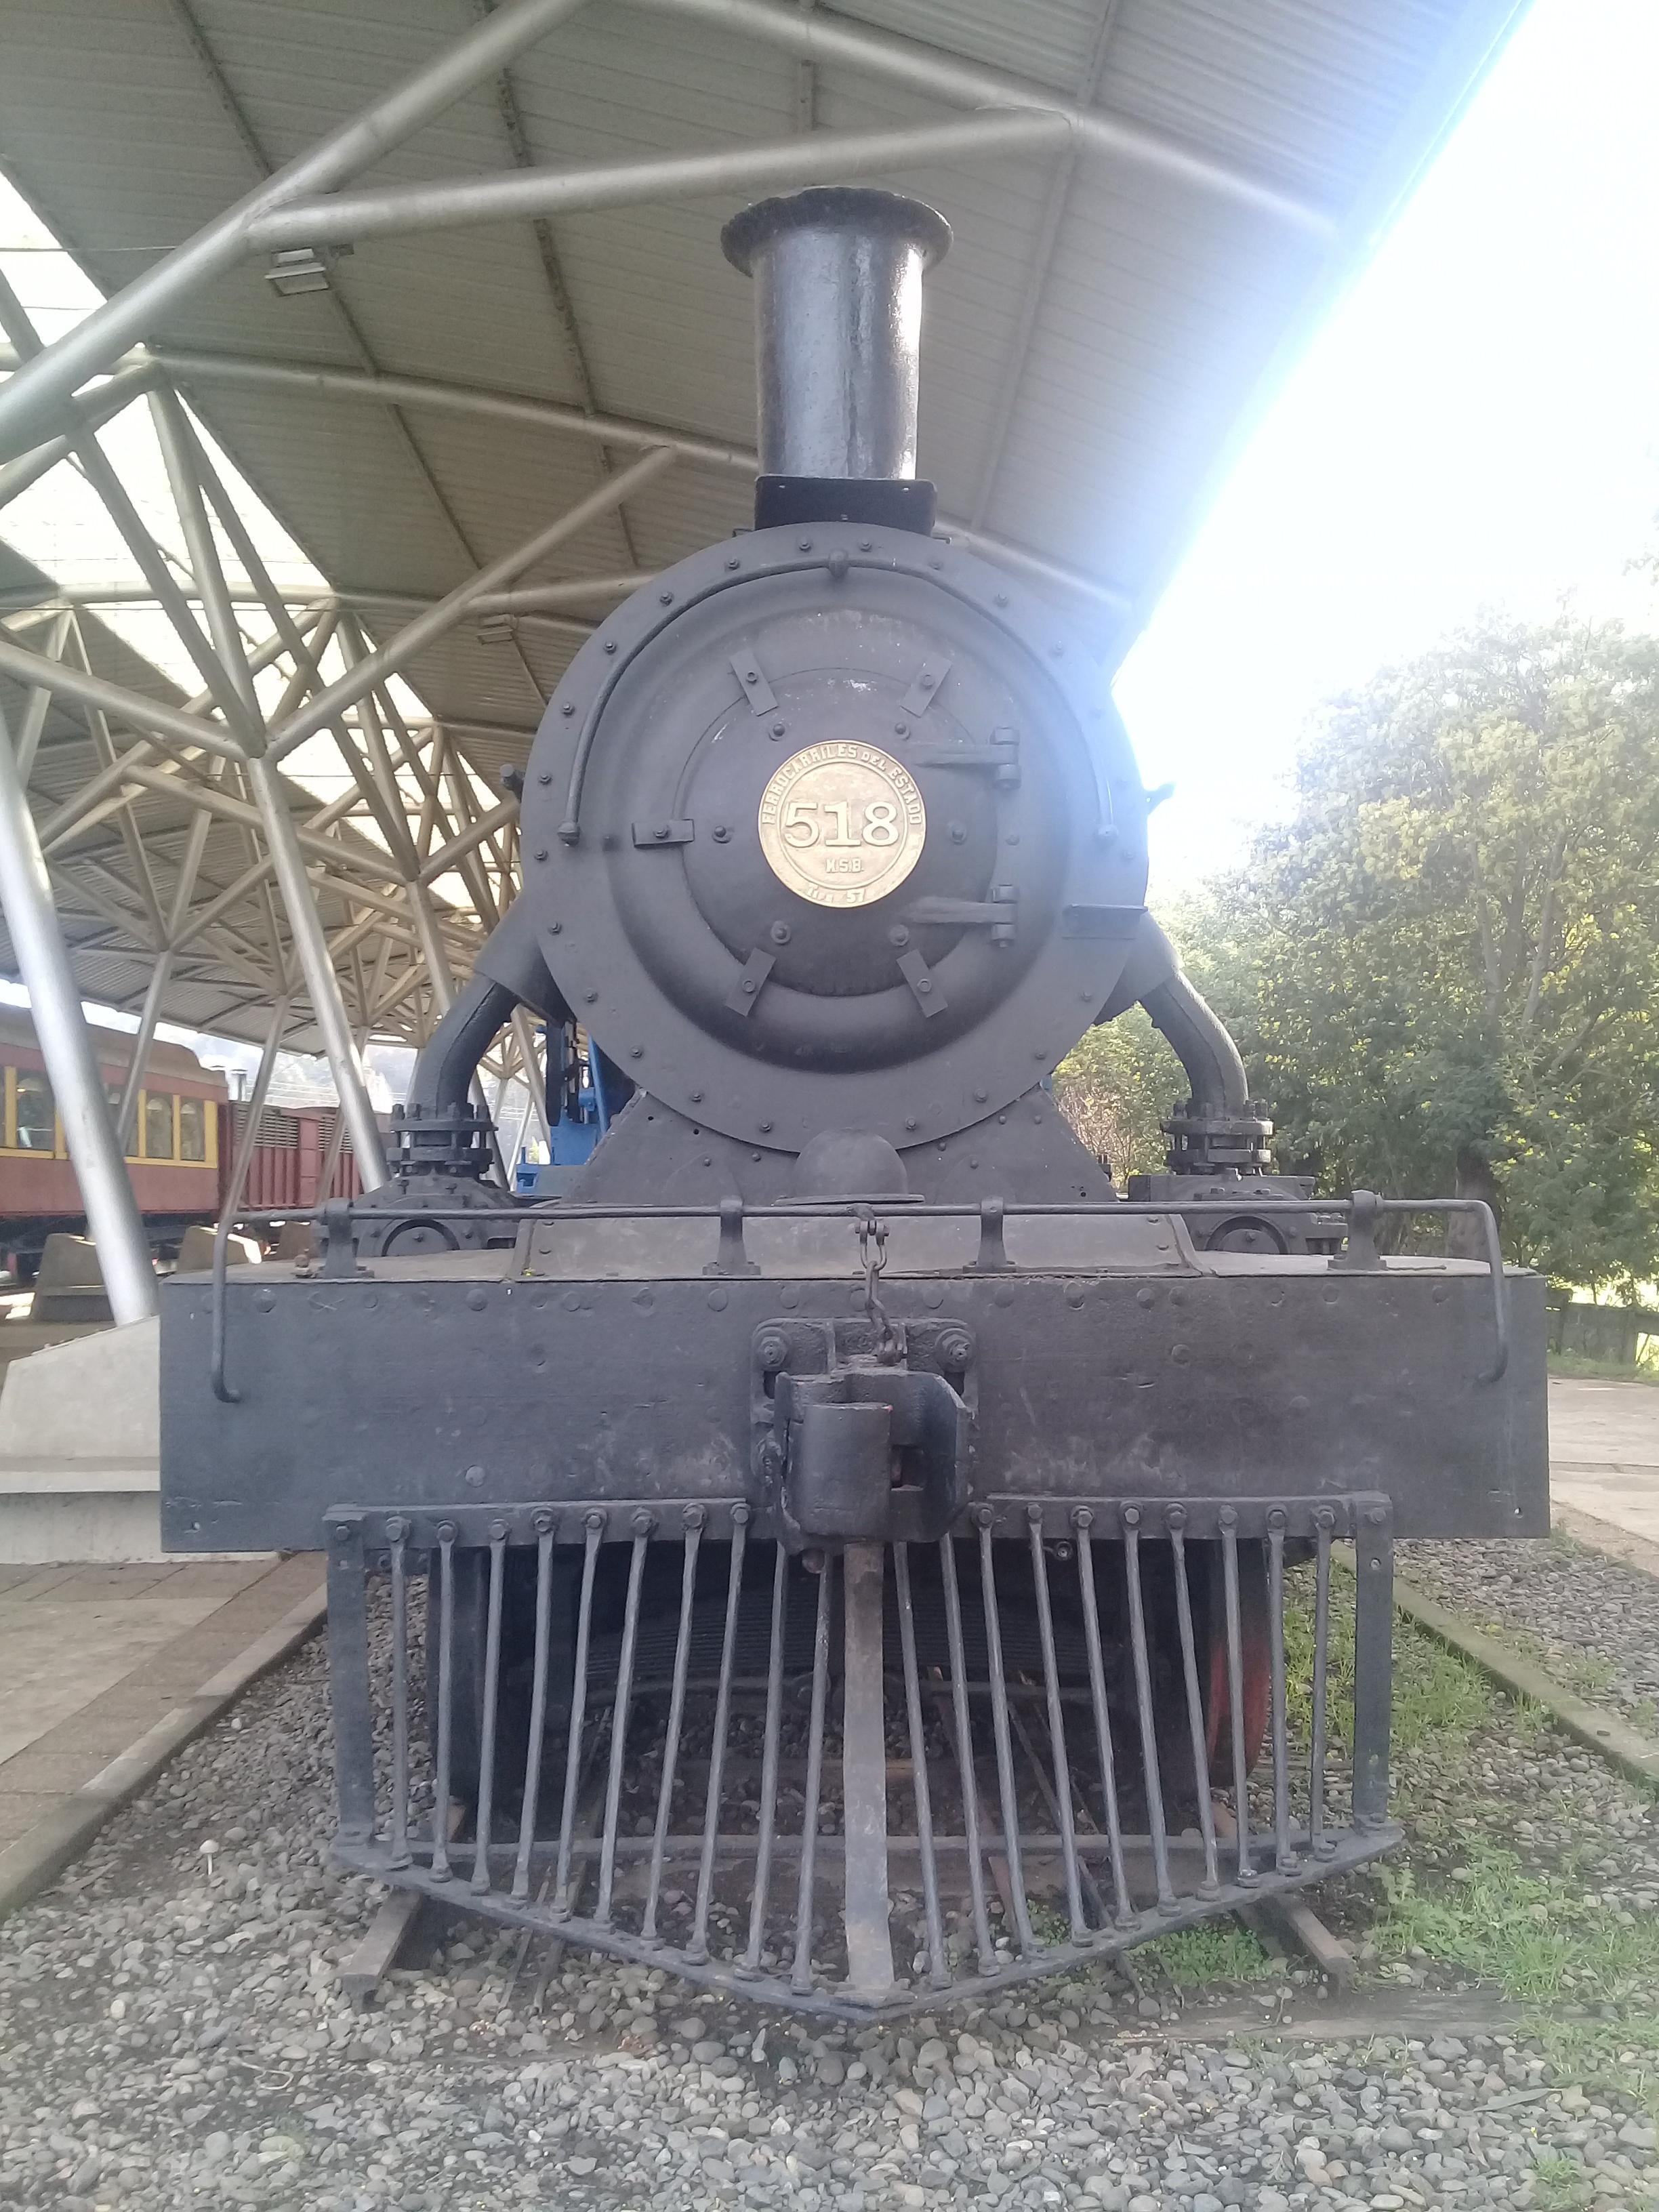 Locomotora tipo 57 °518 en Carahue, foto de J.C.T 2018